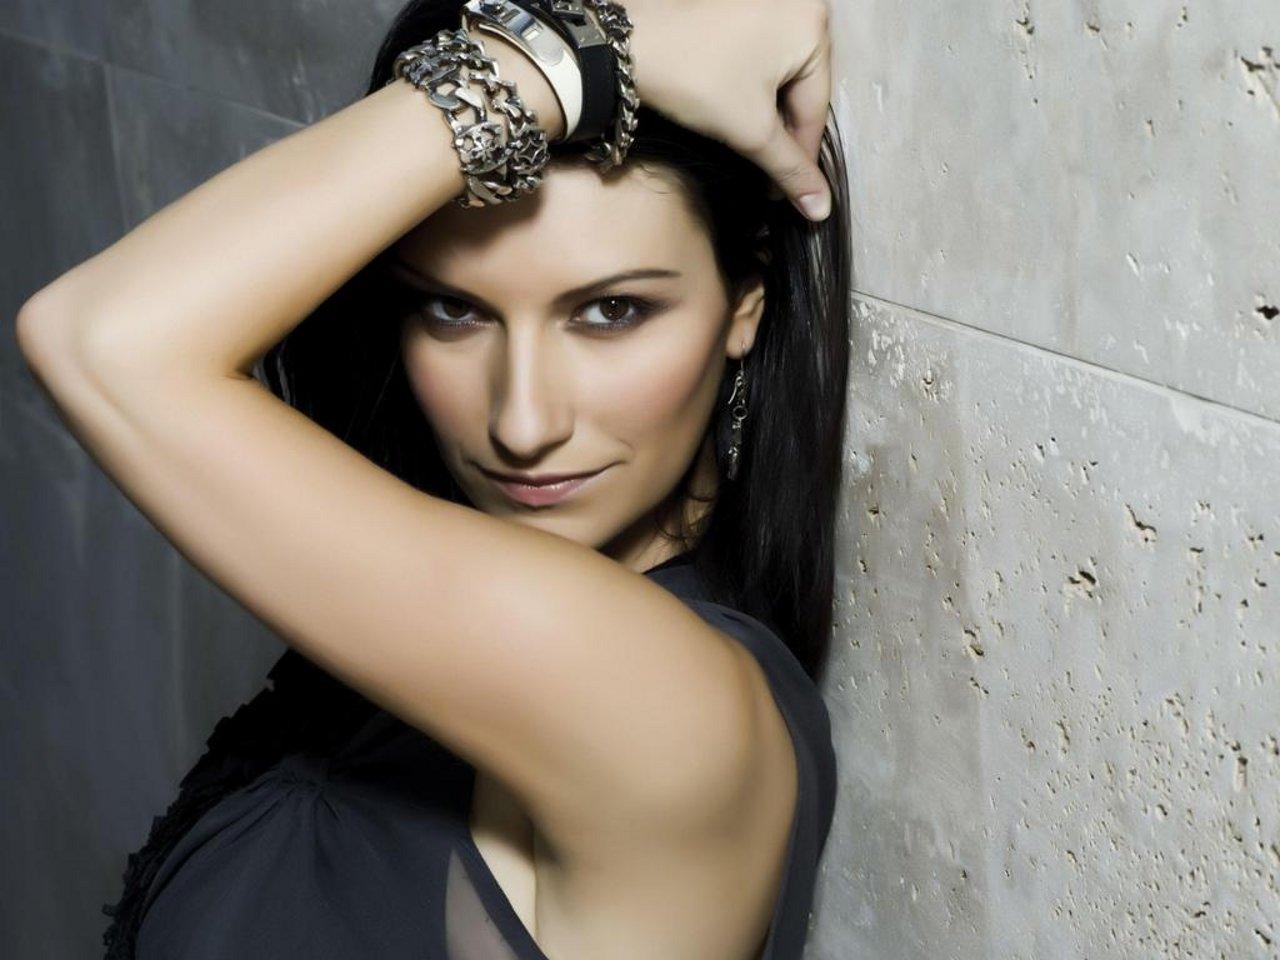 Problemi di salute per Laura Pausini: annullate 5 date del tour europeo